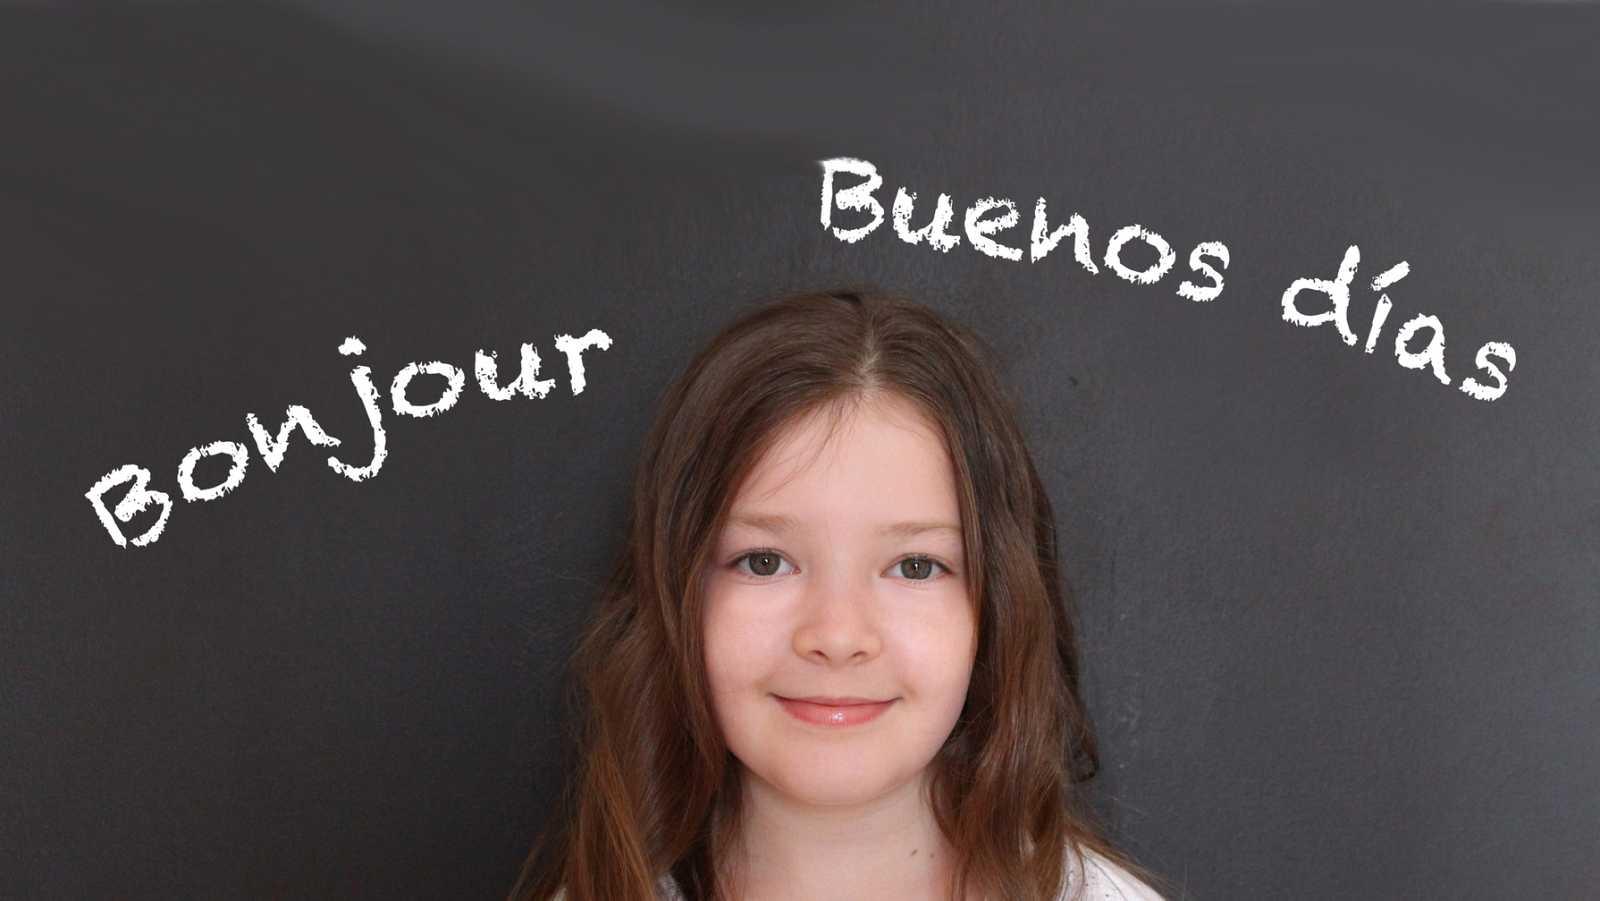 Un idioma sin fronteras - Bilingüismo y lenguas de herencia - 05/12/20 - escuchar ahora